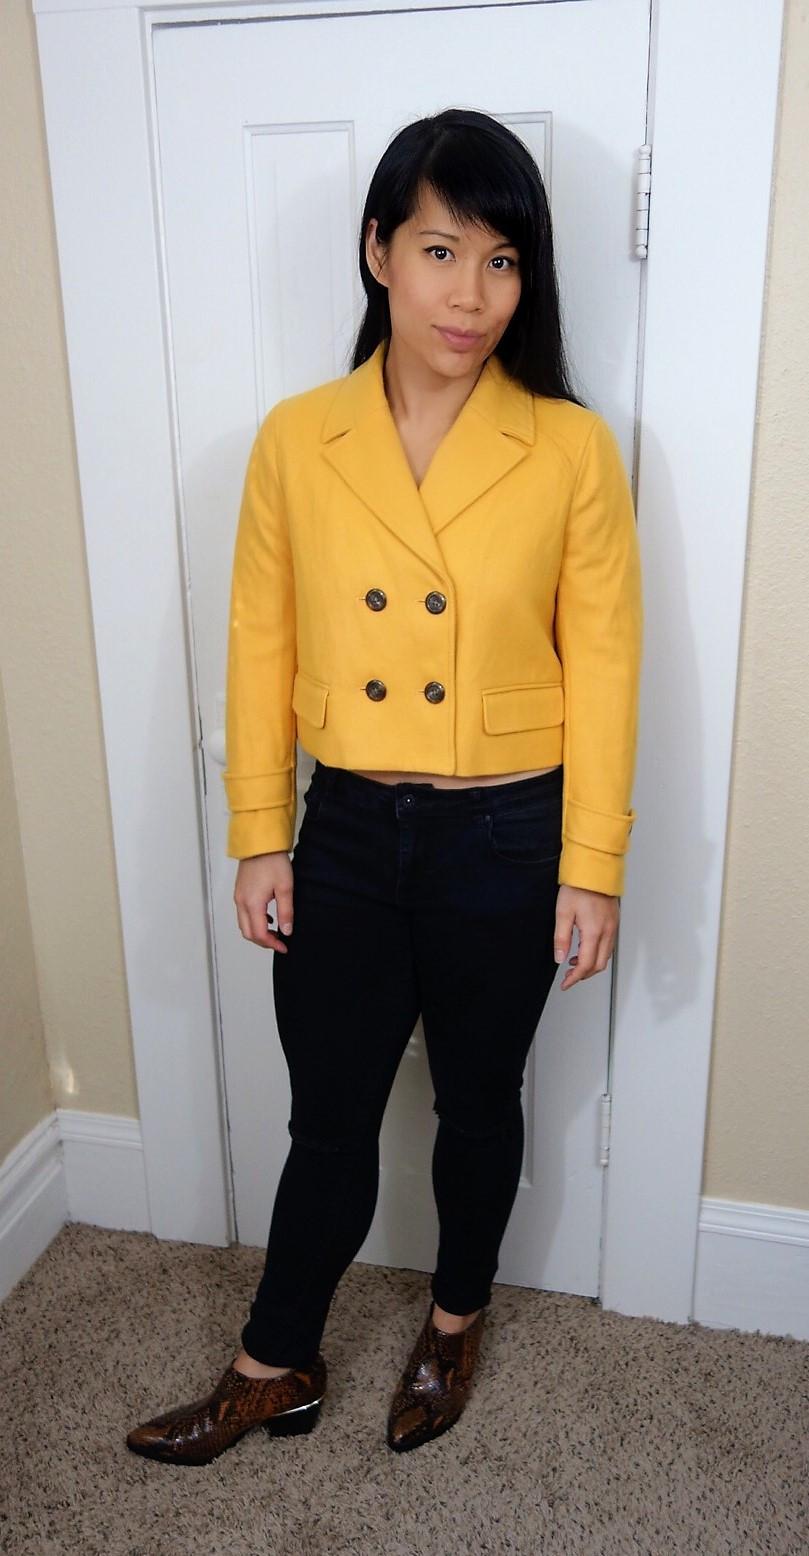 Kat wearing cropped jacket